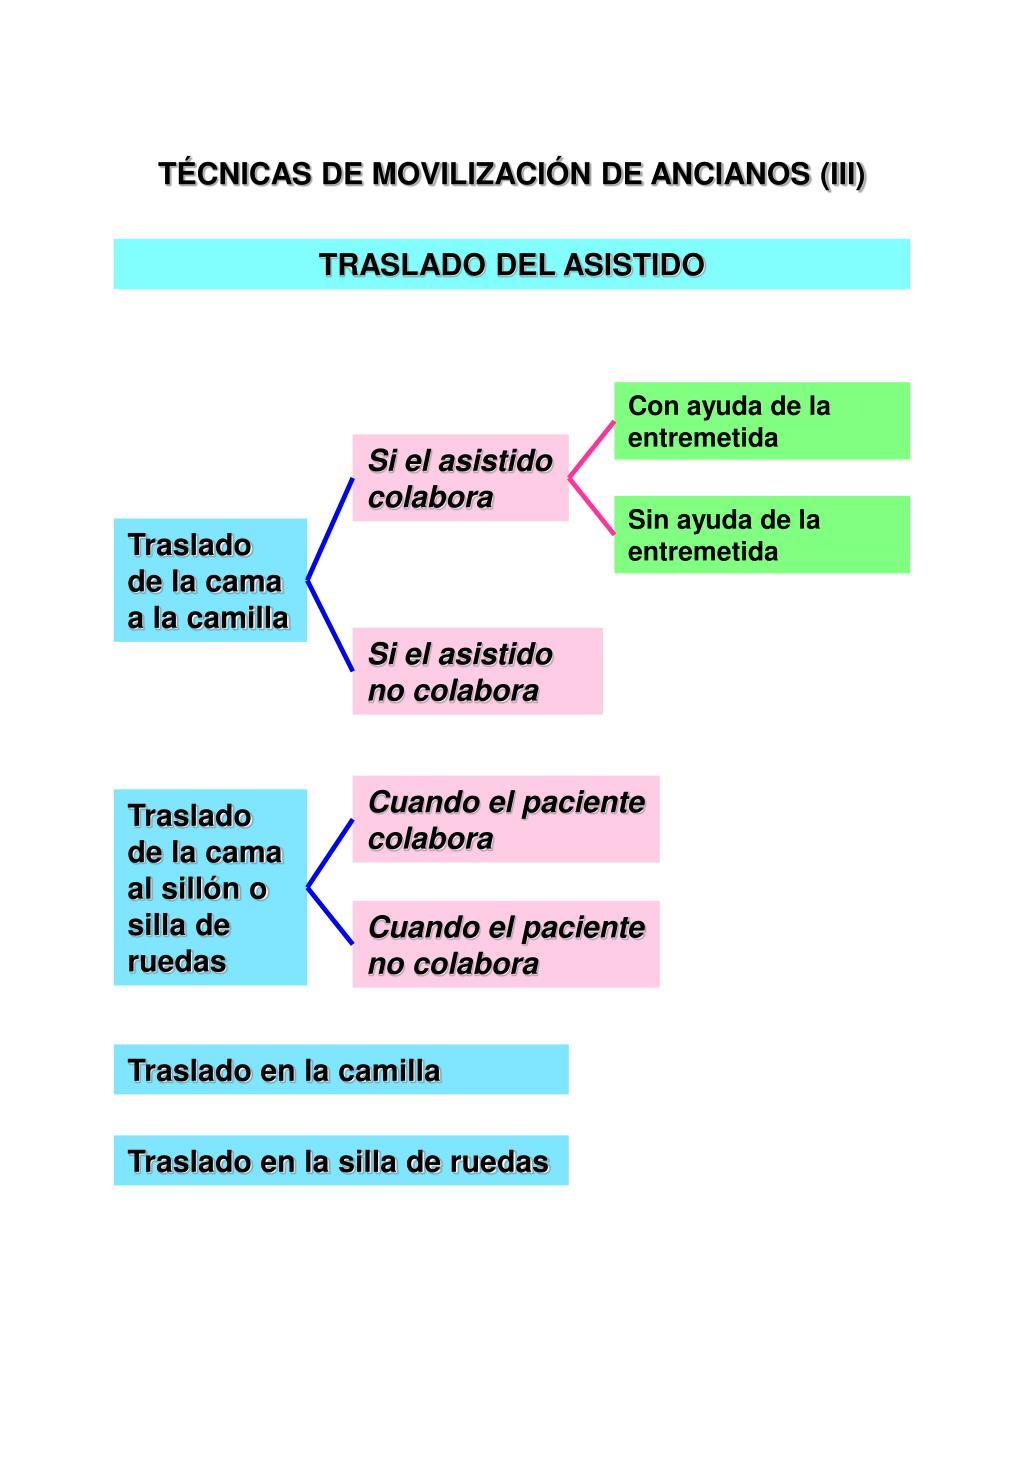 TÉCNICAS DE MOVILIZACIÓN DE ANCIANOS (III)